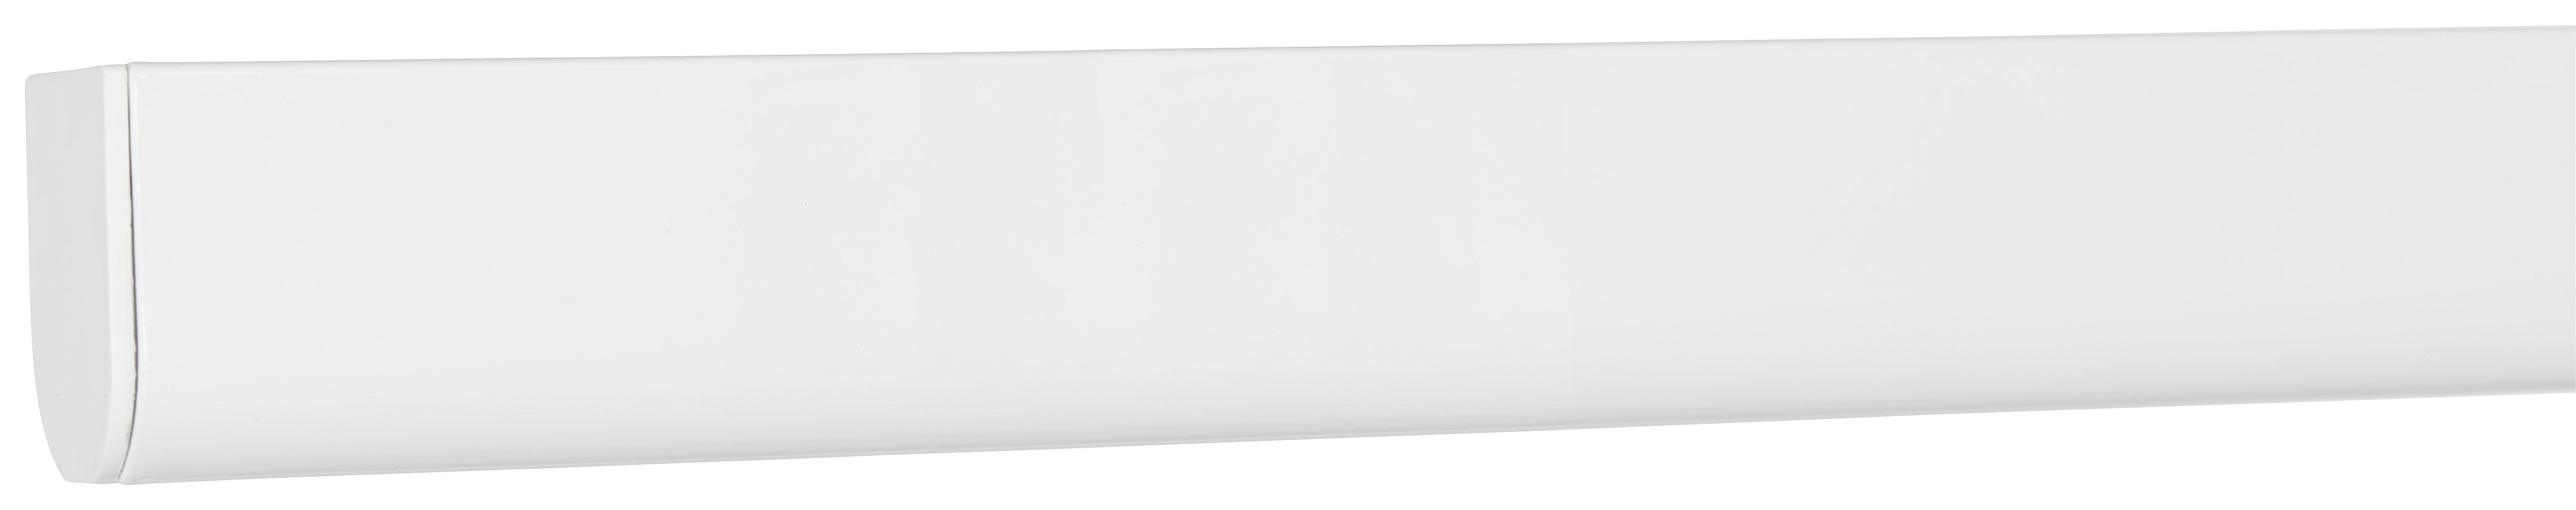 Levně Homeware KOLEJNIČKA NA ZÁVĚSY, 200-350 cm - bílá